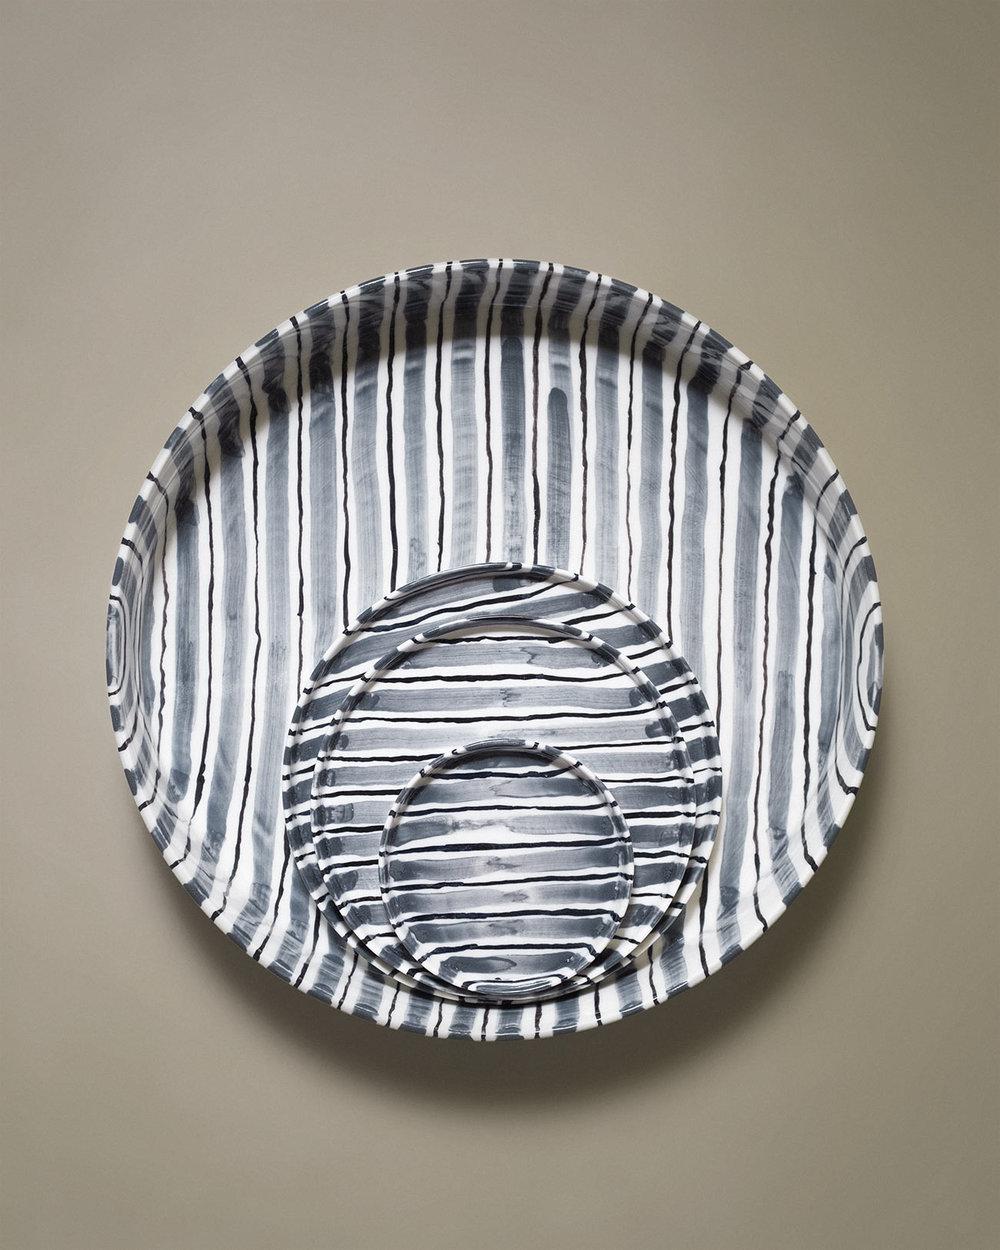 foldrakter-plates-3.jpg